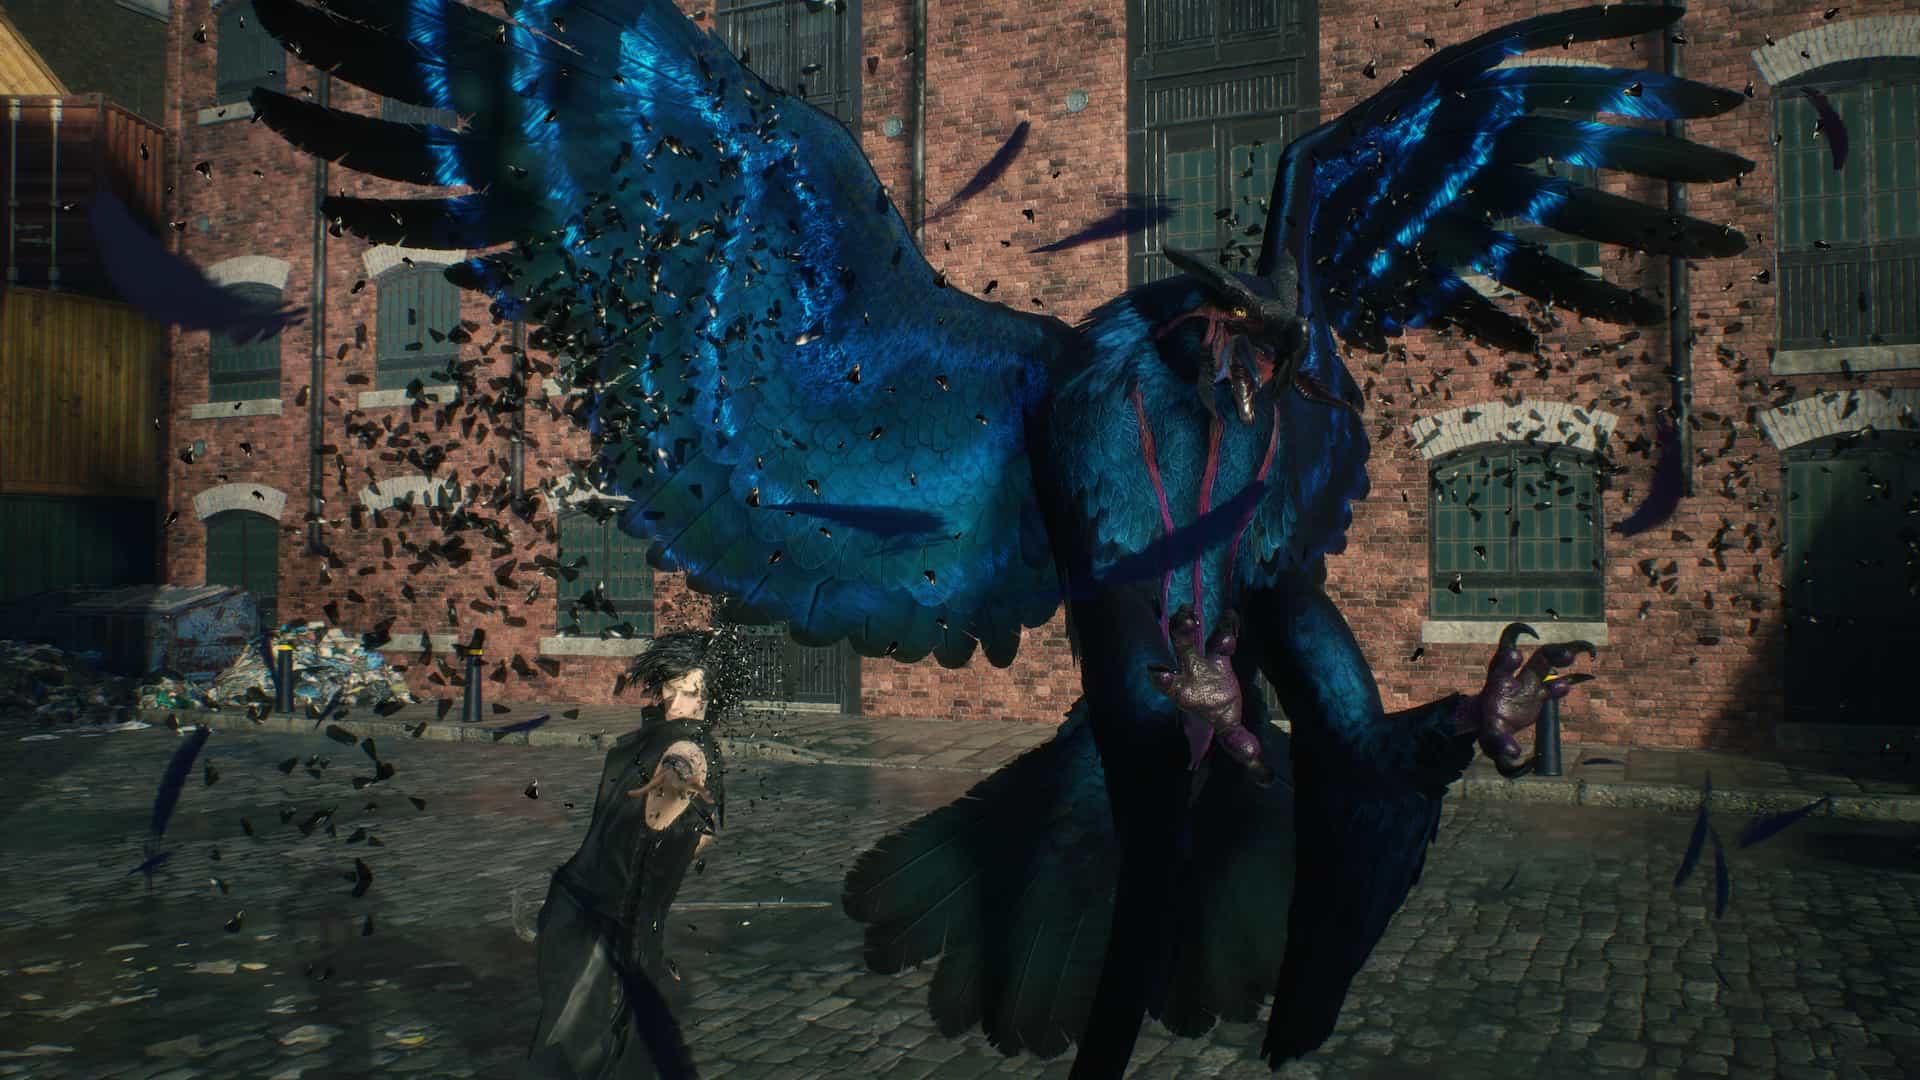 V lutando em Devil May Cry 5. Fonte: Capcom / Divulgação